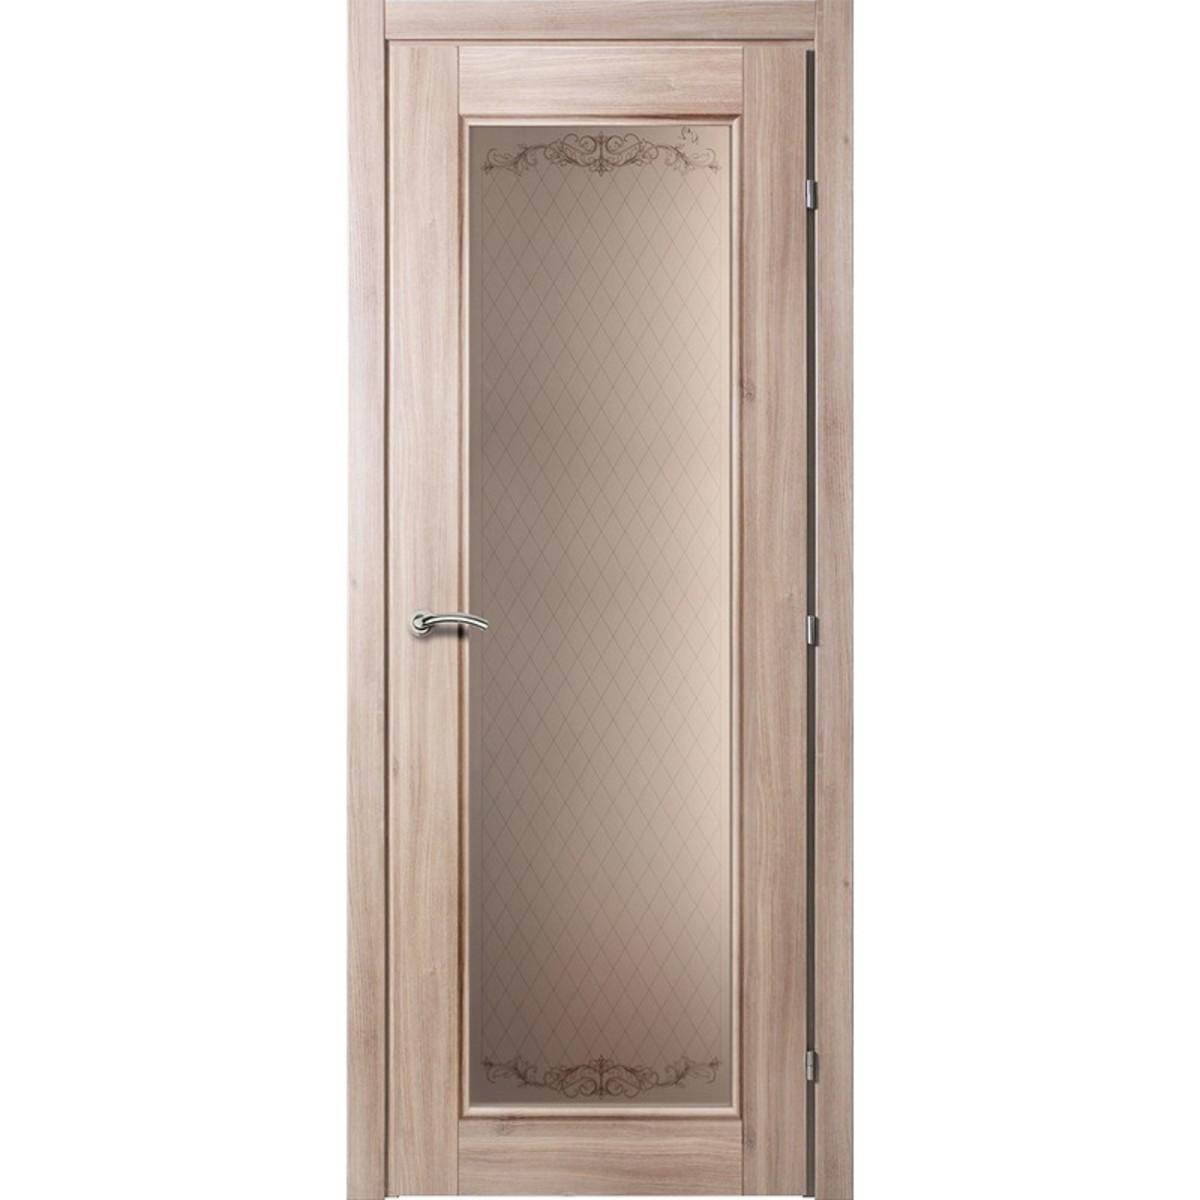 Дверь межкомнатная остеклённая Виктория 90x200 см CPL цвет акация с фурнитурой